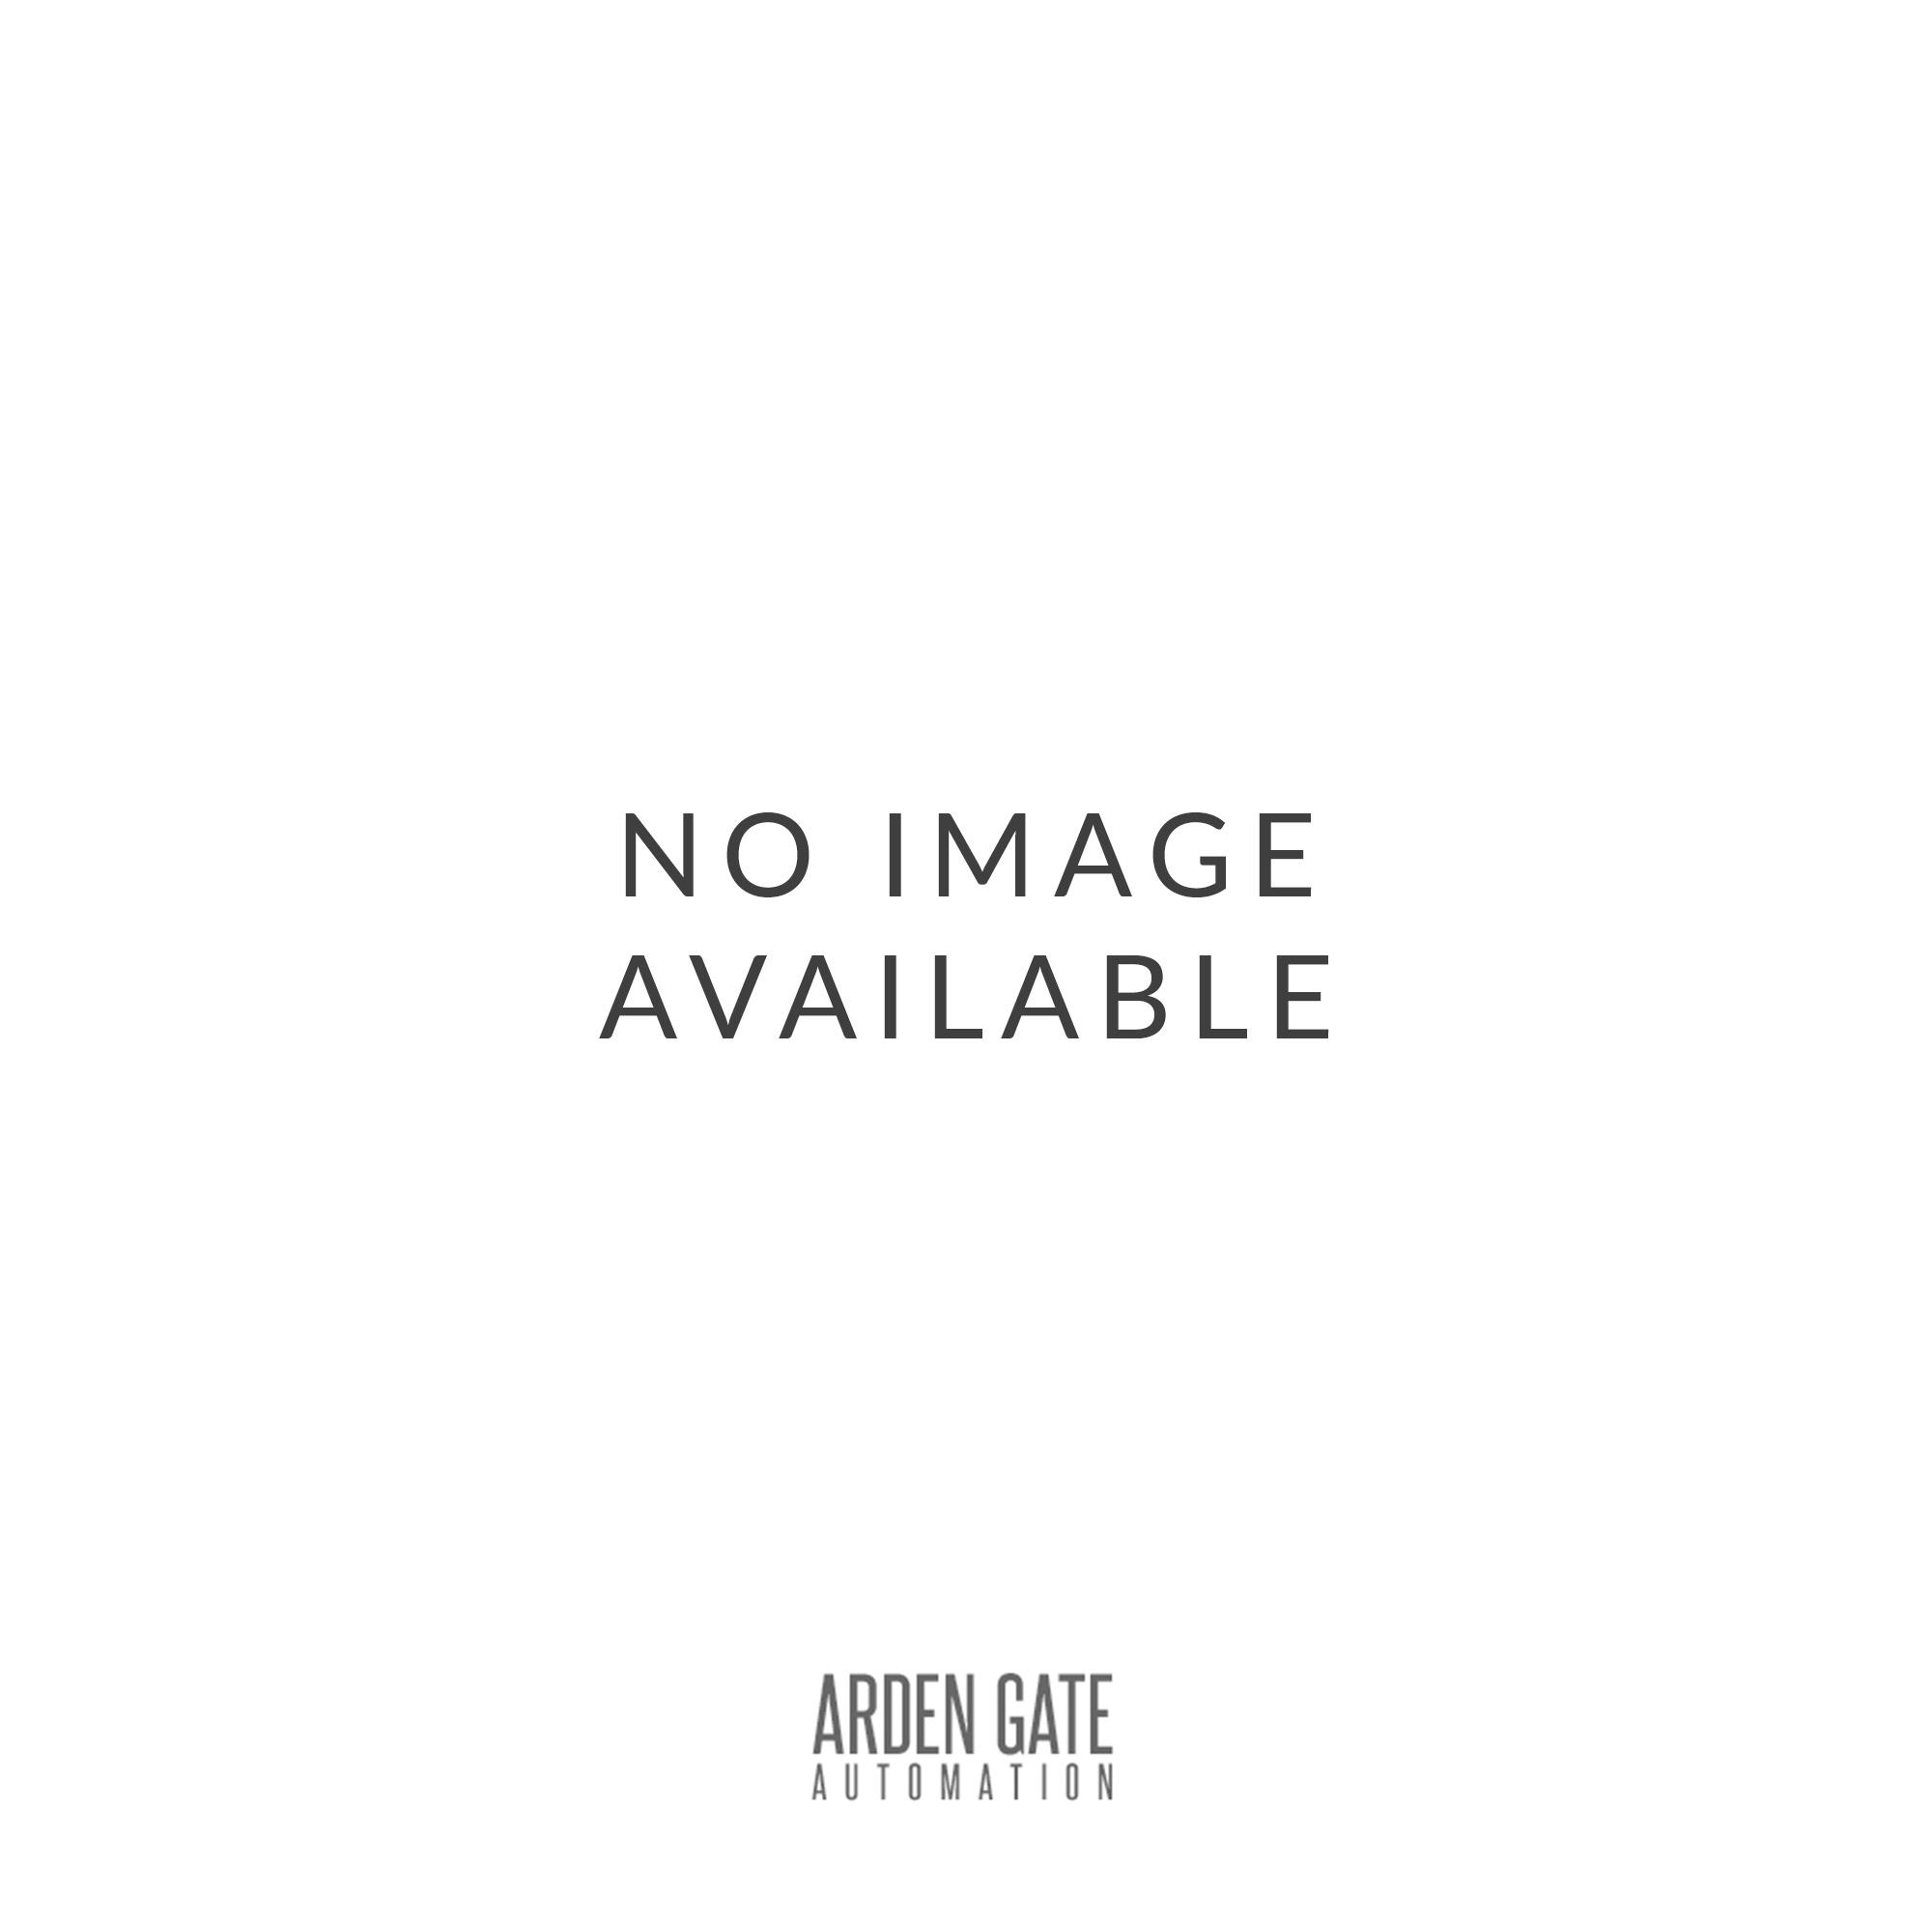 CAME BK-221 230v Sliding gate motor